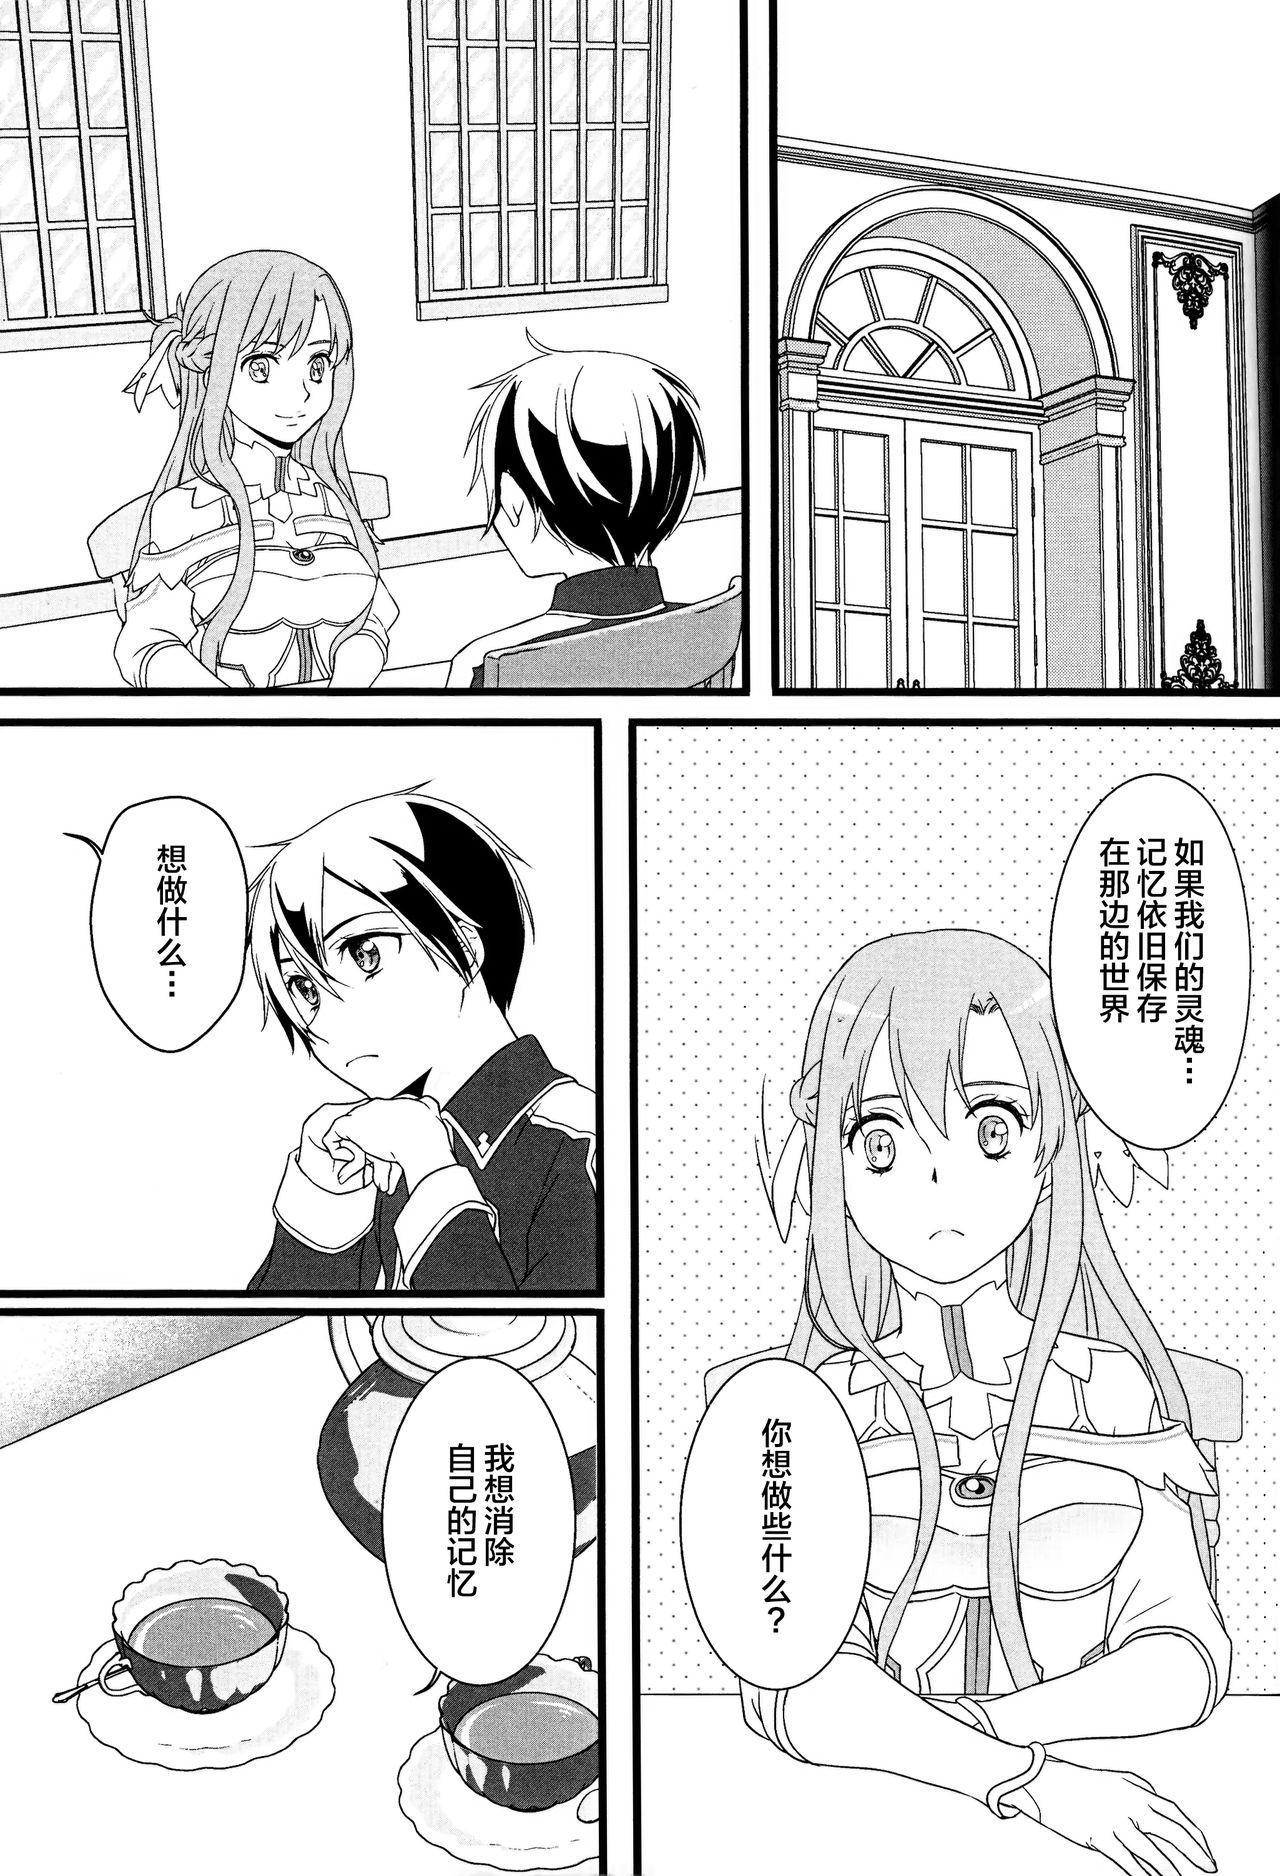 終わらないお伽噺 3